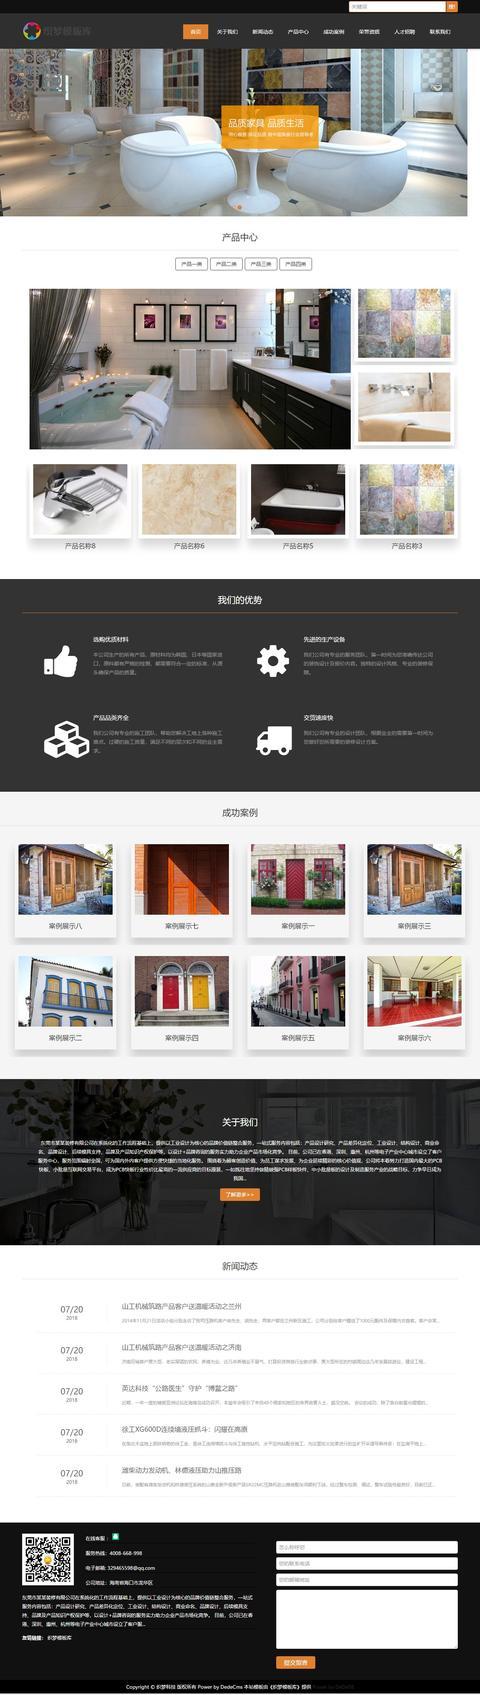 家装建材瓷砖类